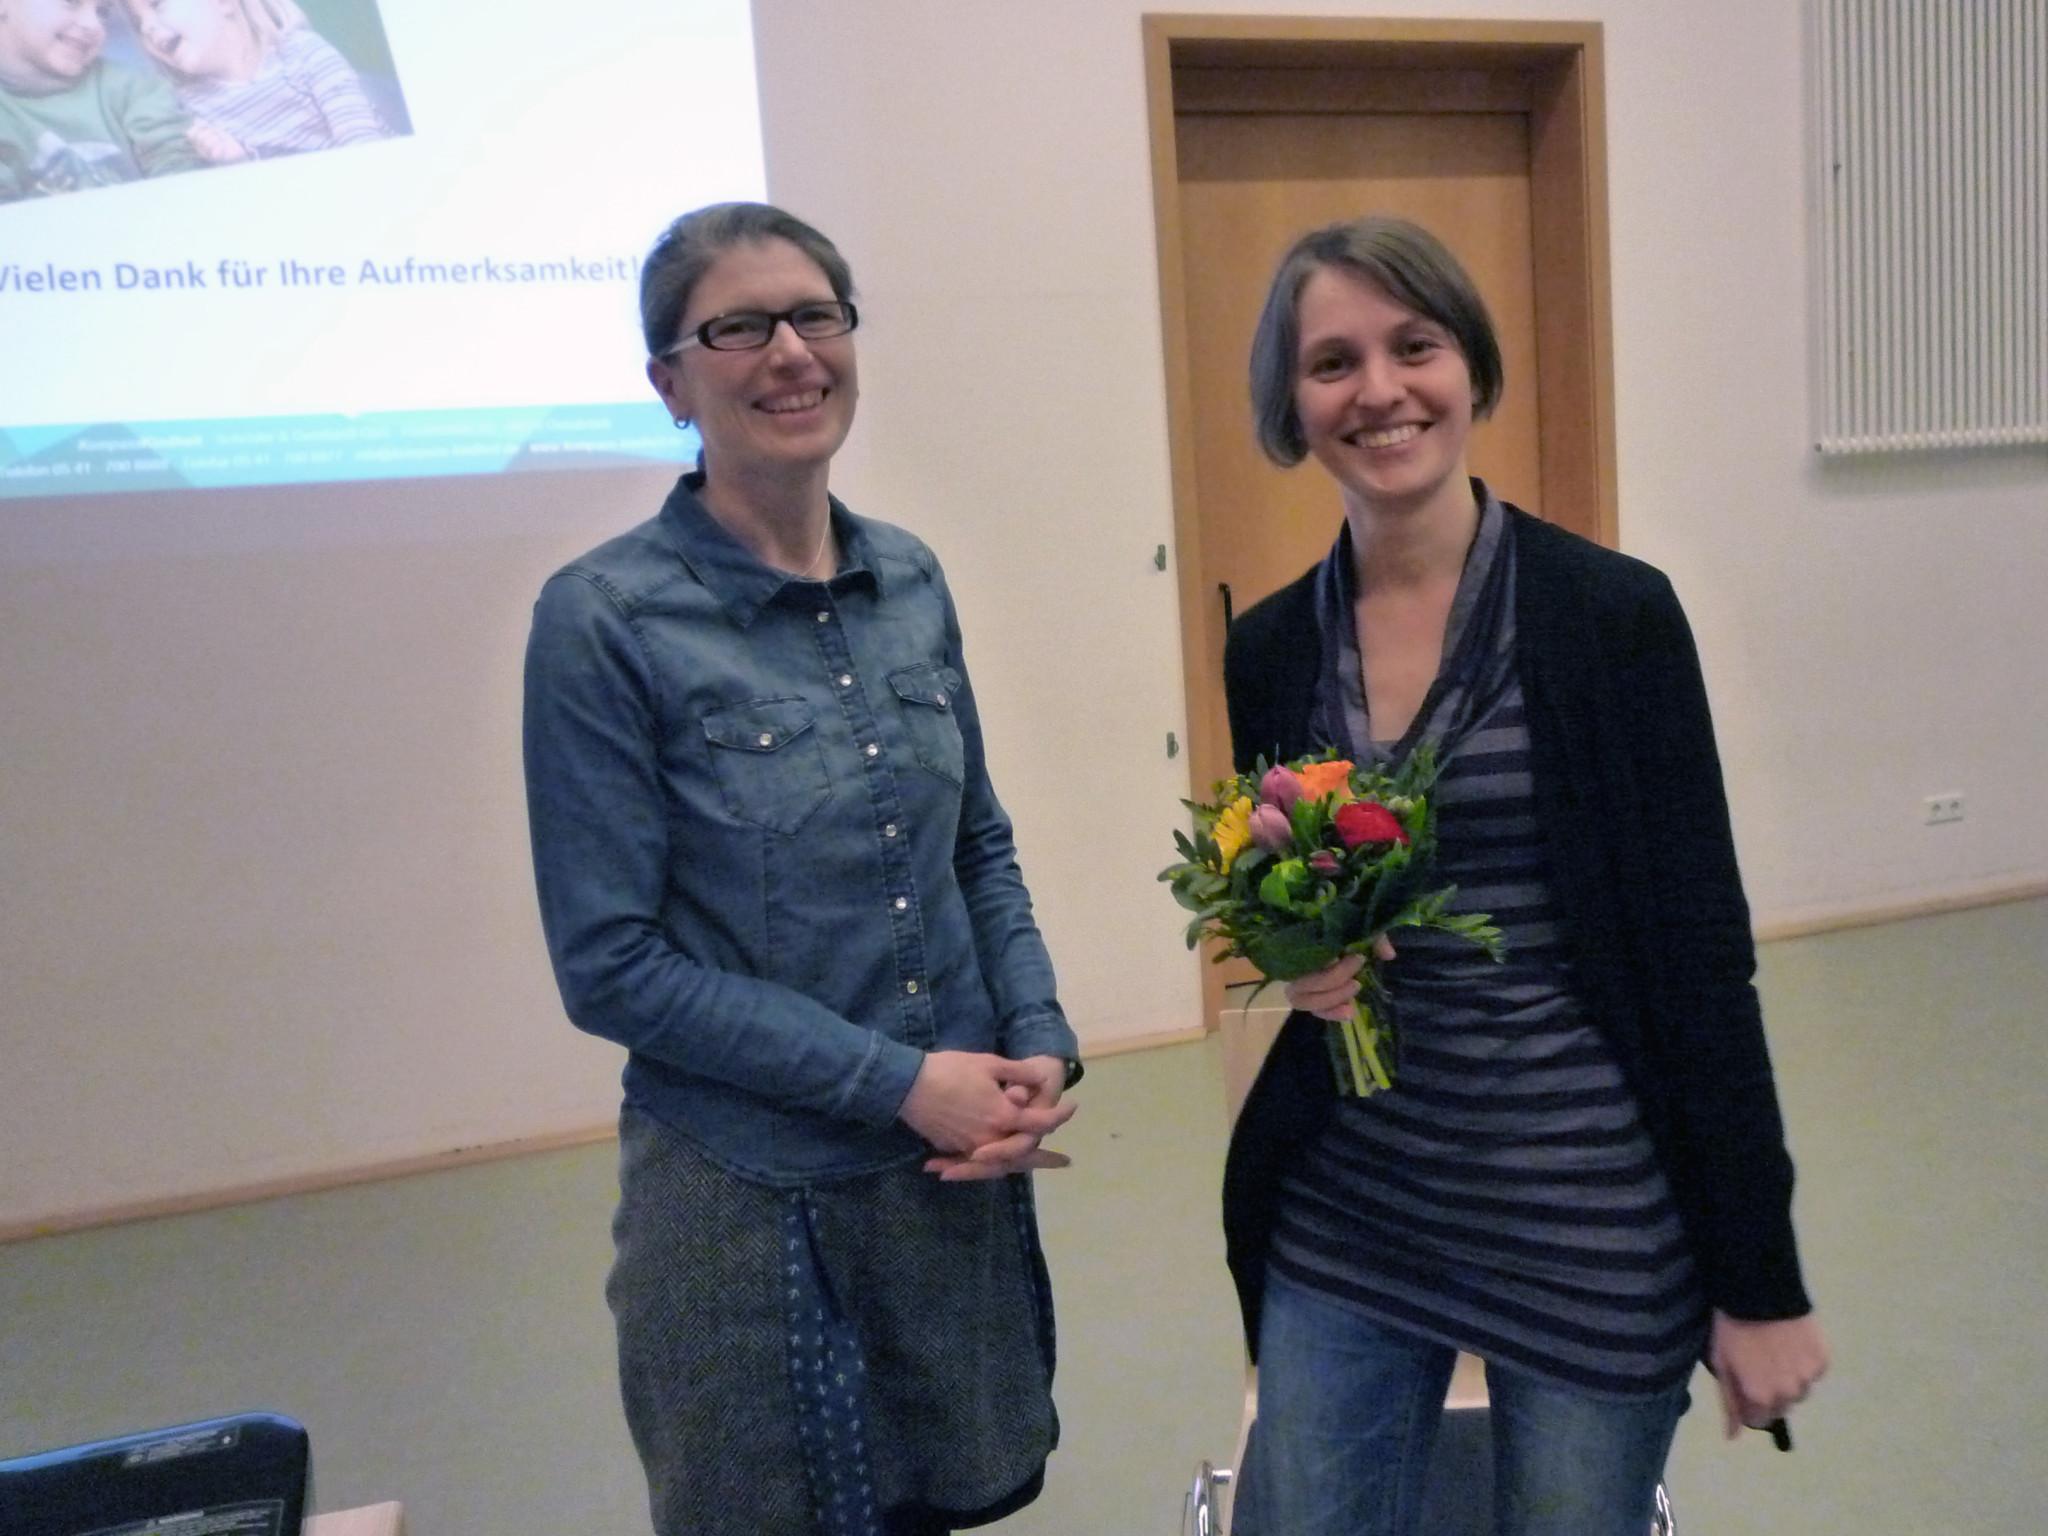 Die Vorsitzende des Fördervereins, Frau Karen Prigge (links), bedankt sich bei der Referentin, Frau Dr. Ariane Gernhardt.